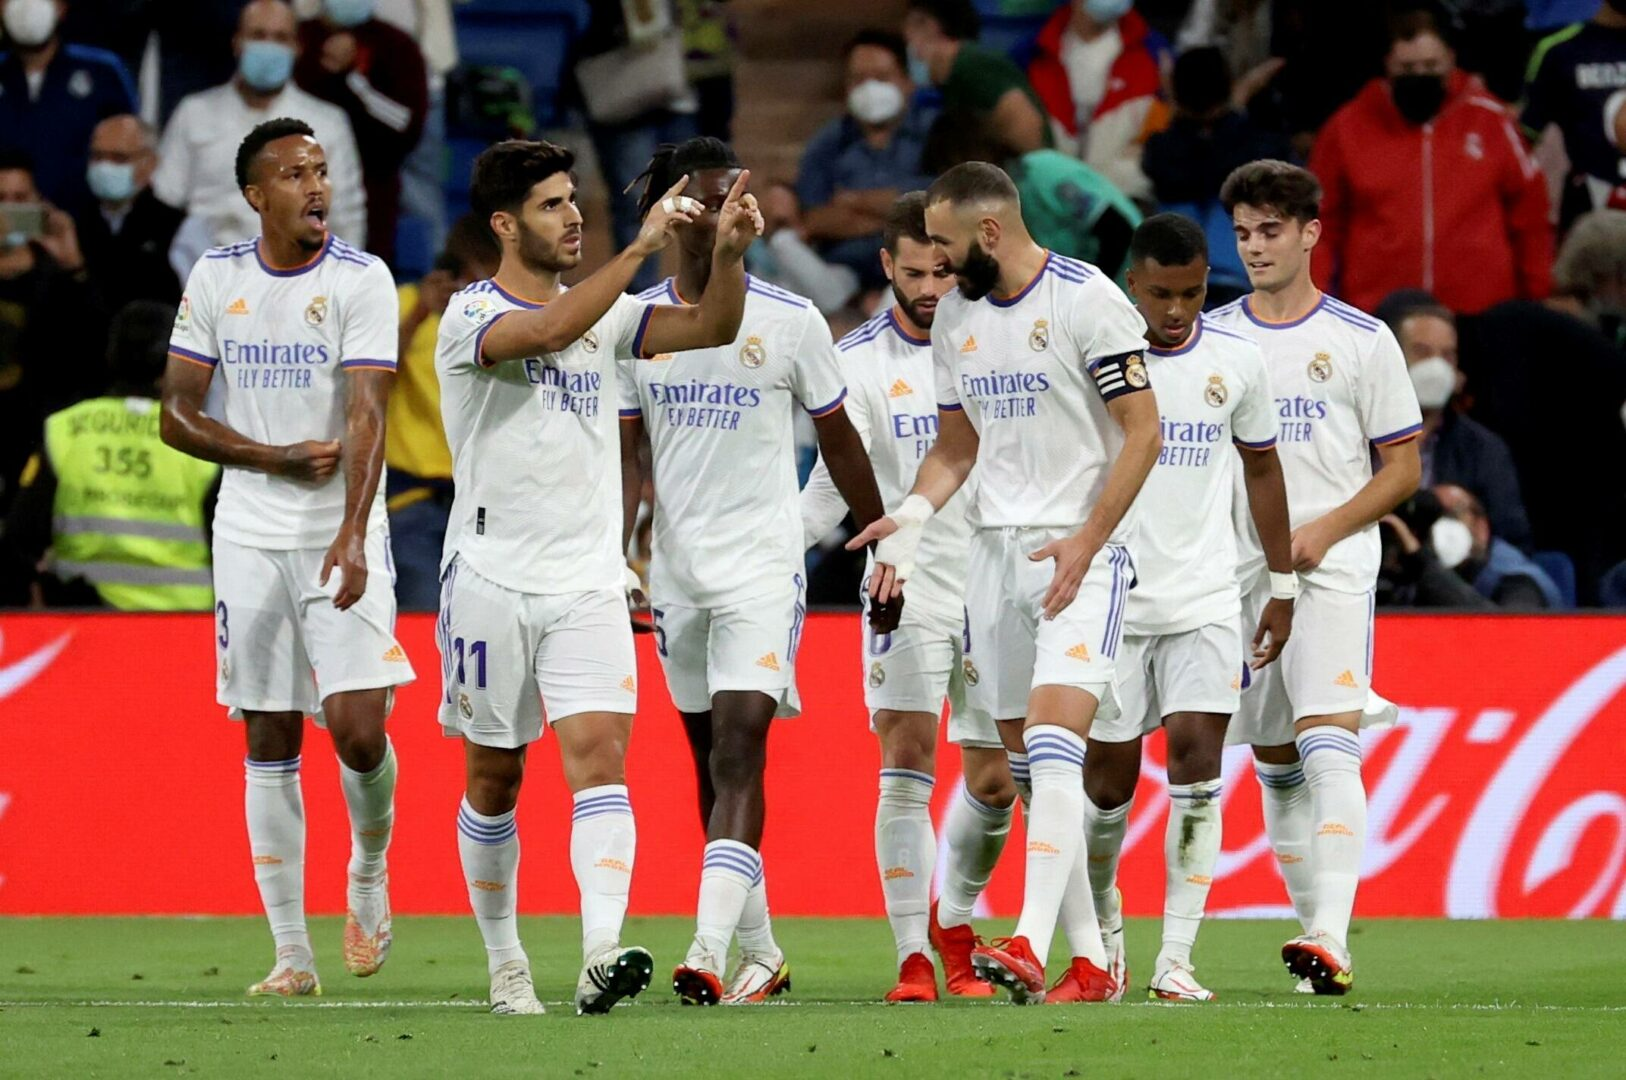 Die Mannschaft von Real Madrid bejubelt einen Treffer im Heimspiel gegen RCD Mallorca.